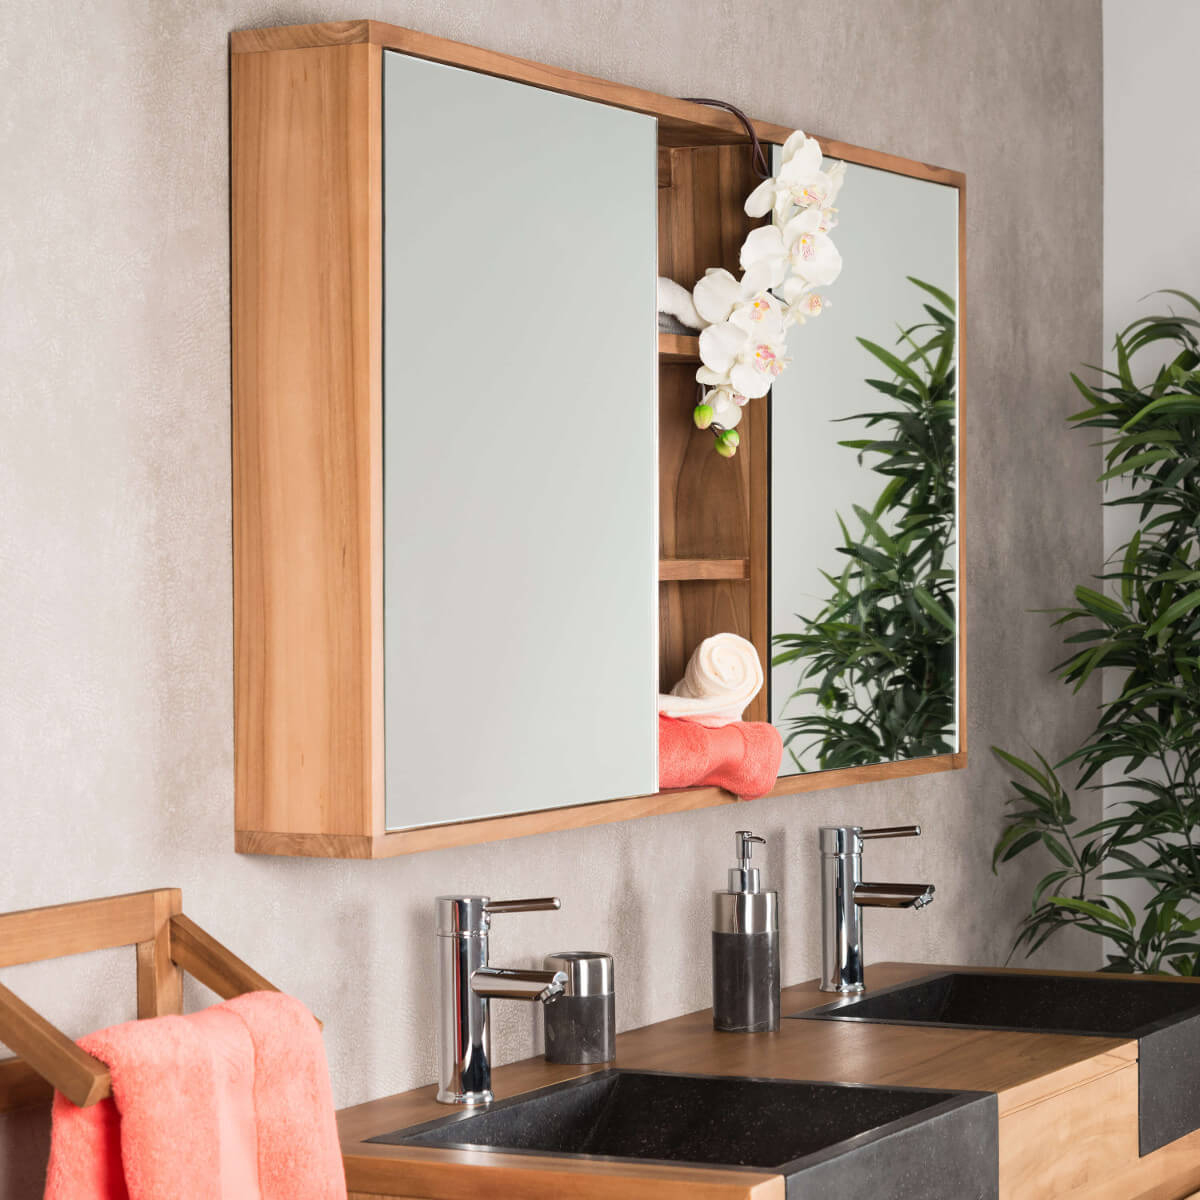 Miroir Armoire De Toilette En Bois (Teck) Massif concernant Miroir Salle De Bain